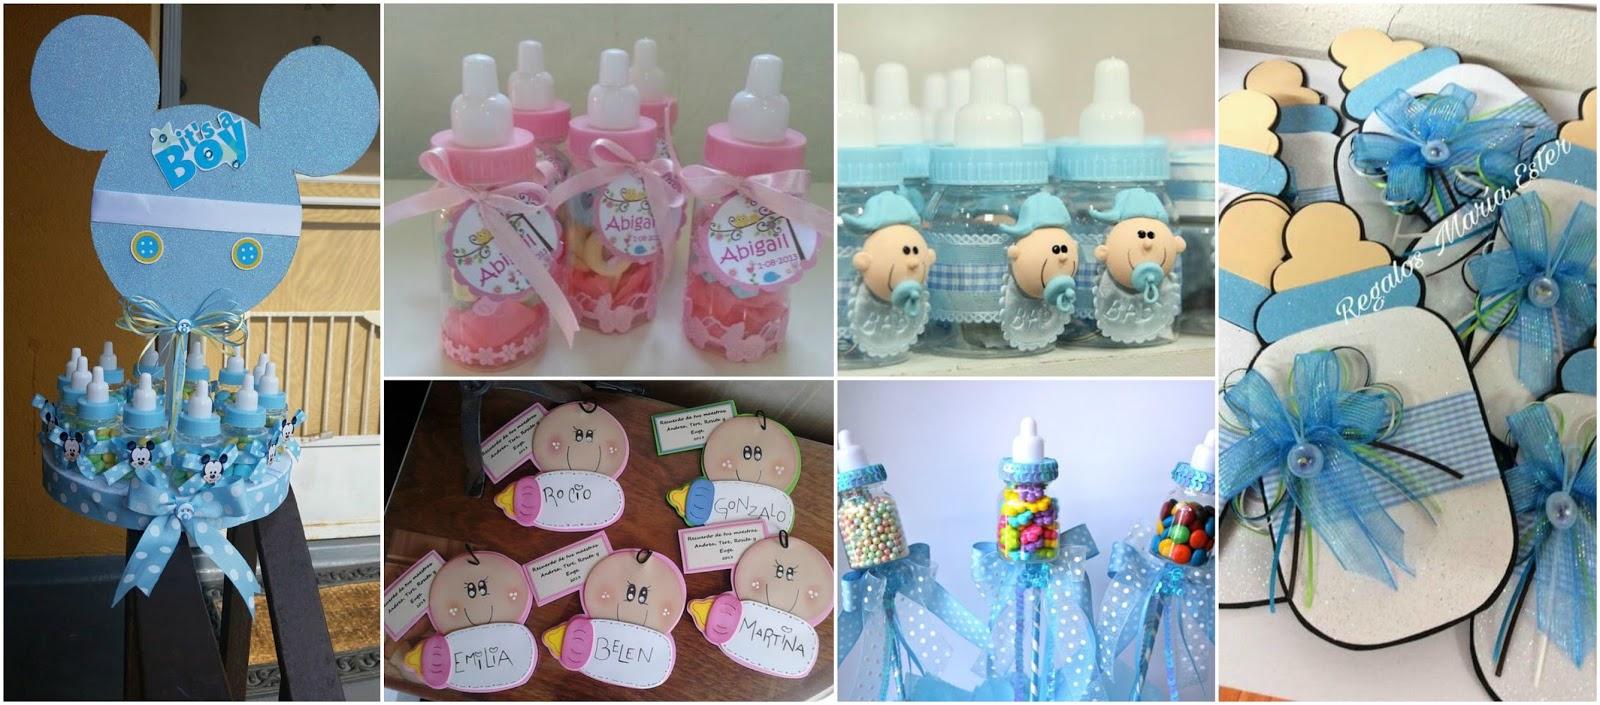 13 Hermosas Ideas De Recuerditos Para Baby Shower Usando Biberones Haz Manualidades